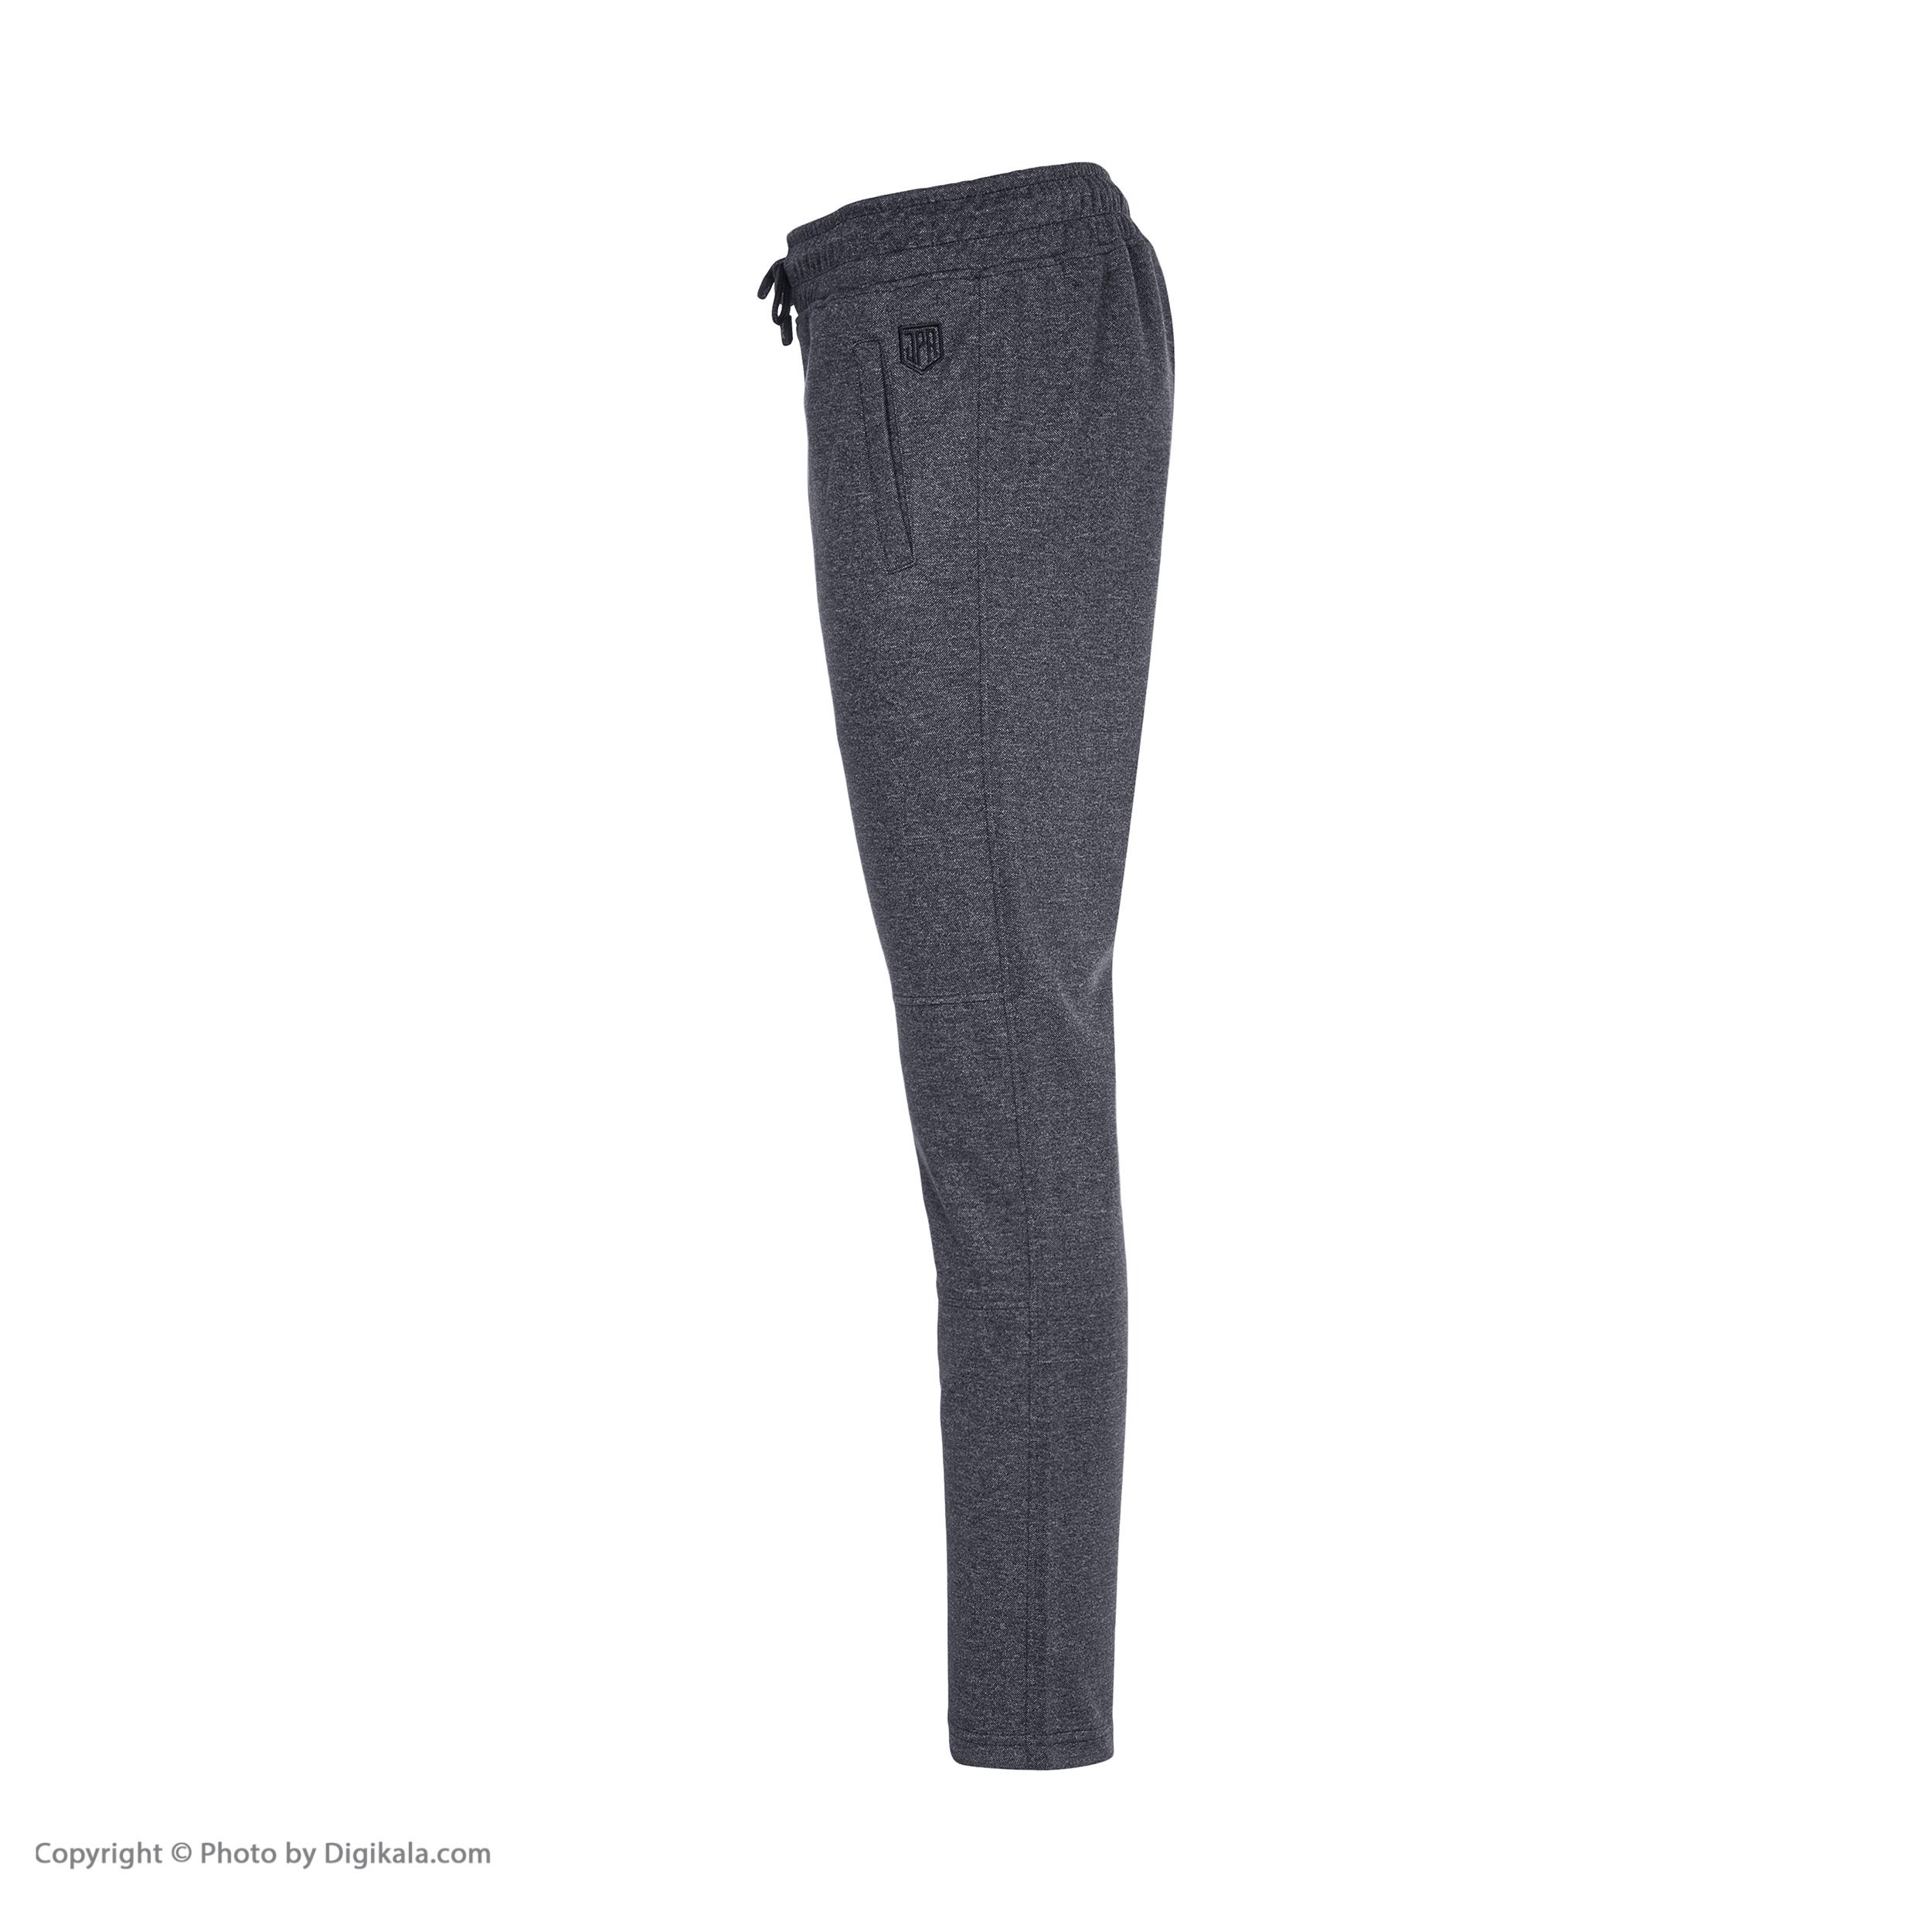 شلوار ورزشی مردانه جامه پوش آرا مدل 4121009291-92